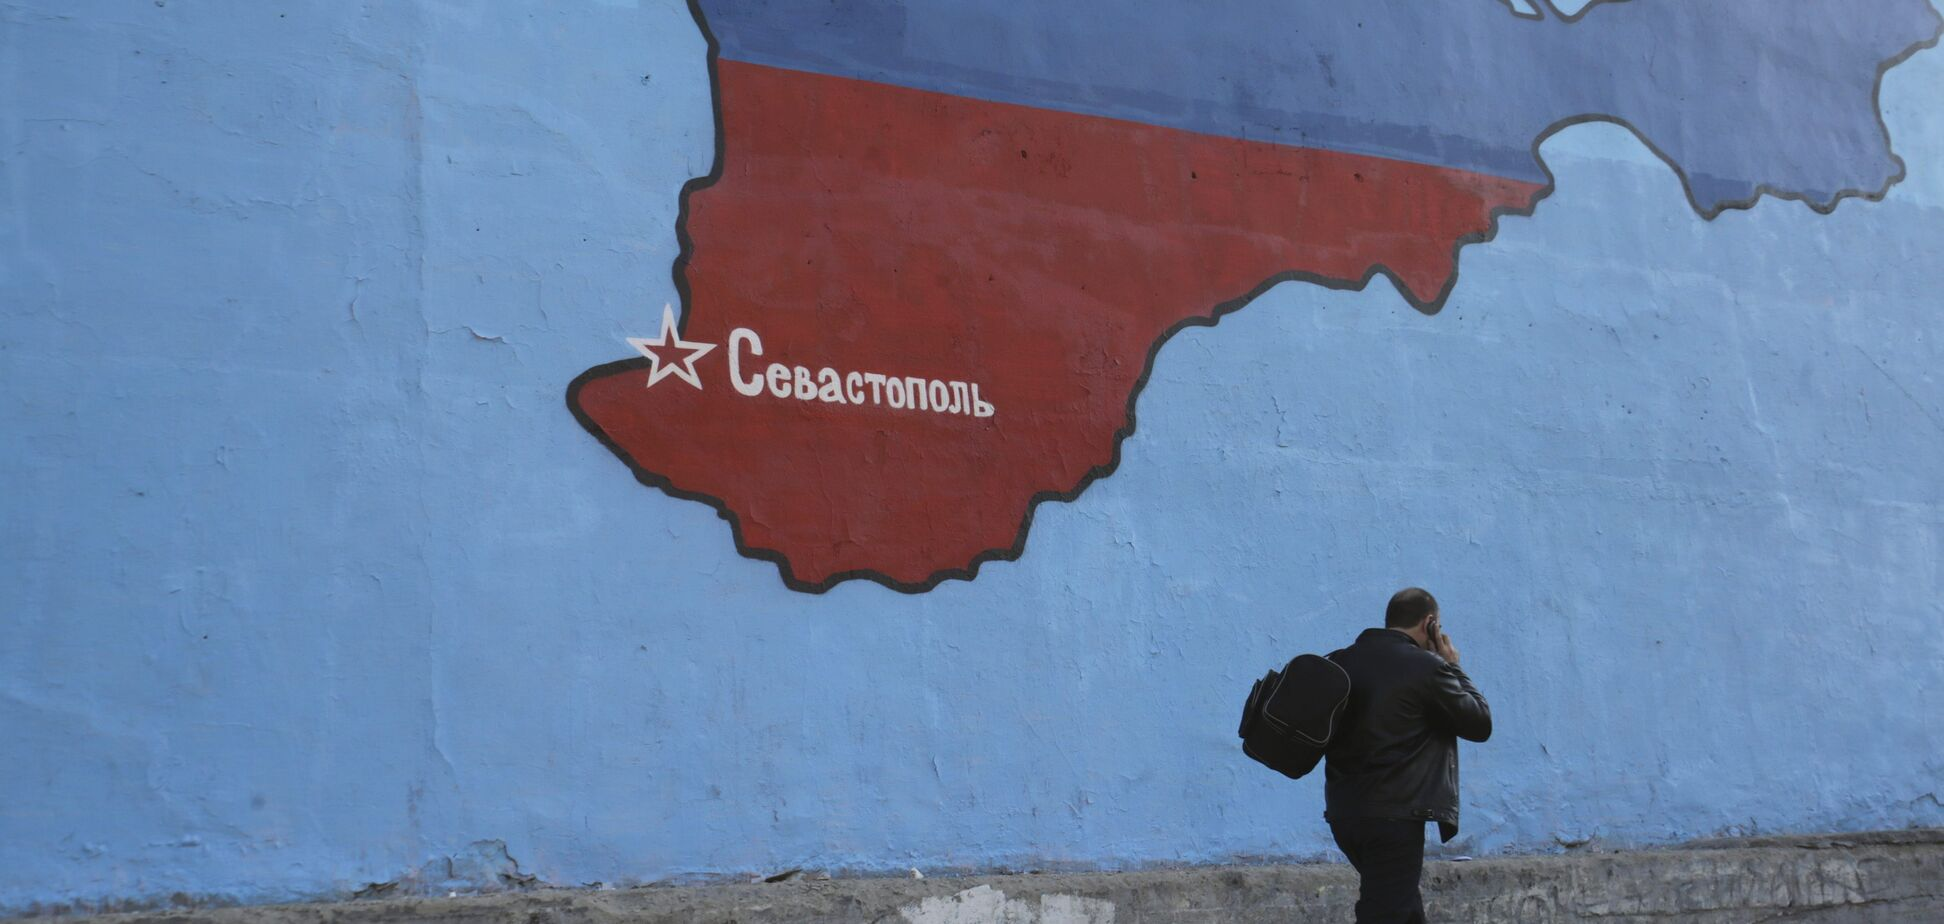 Потрійне шахрайство: викрито гучний фейк Росії про 'визнання' анексії Криму